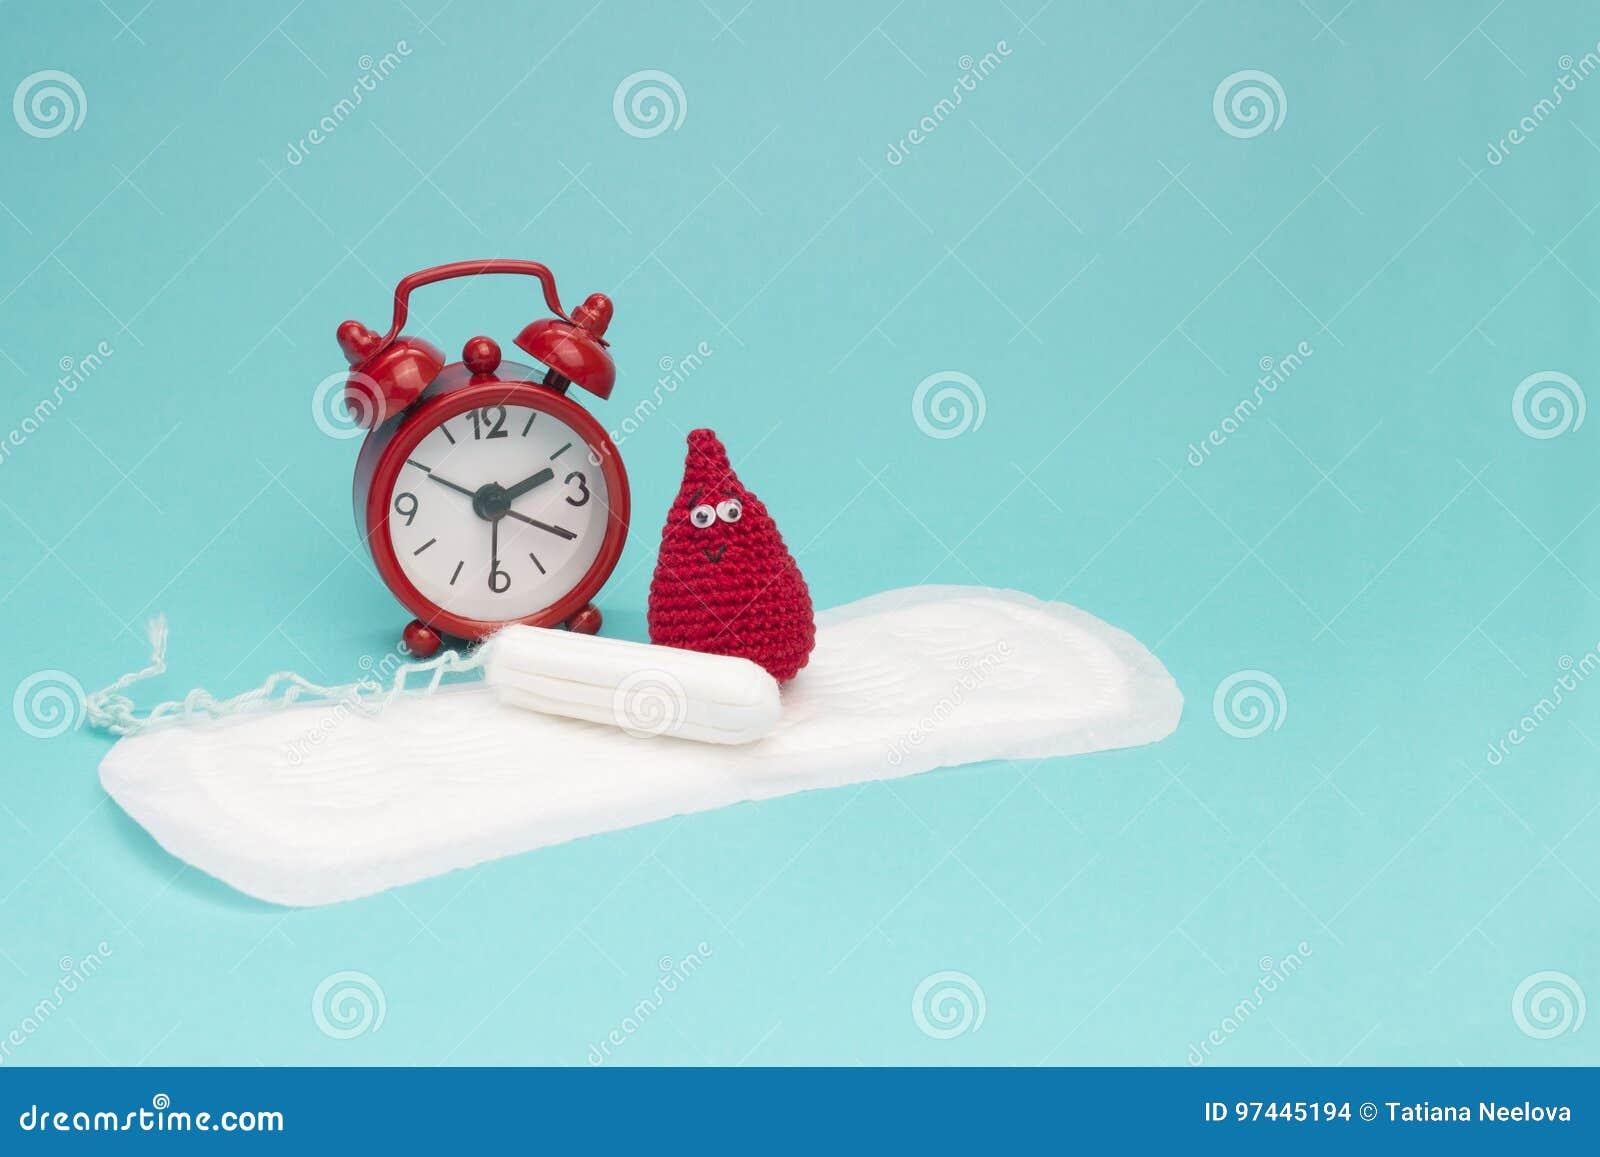 Κόκκινο ξυπνητήρι, ονειροπόλος πτώση αίματος τσιγγελακιών χαμόγελου, καθημερινά εμμηνορροϊκά μαξιλάρι και tampon Υγειονομική υγιε